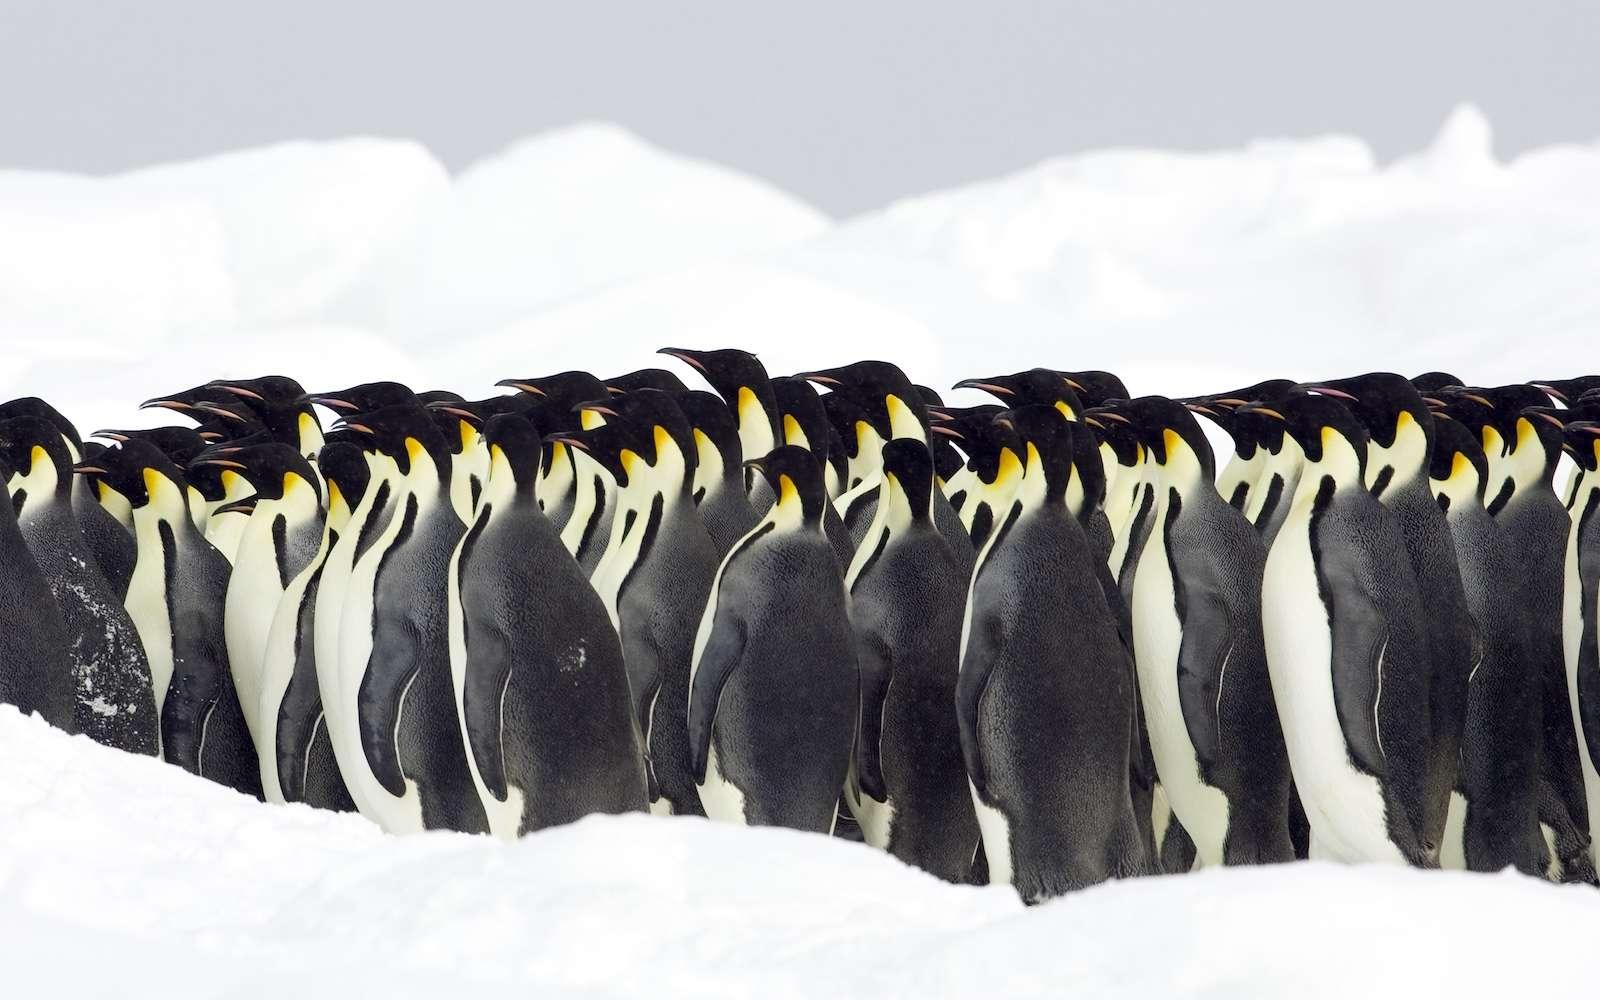 L'opération Penguin Watch vous invite à dénombrer les manchots de différentes colonies de l'hémisphère sud, par espèce, photographiées chaque jour depuis plusieurs années. © BMJ, shutterstock.com